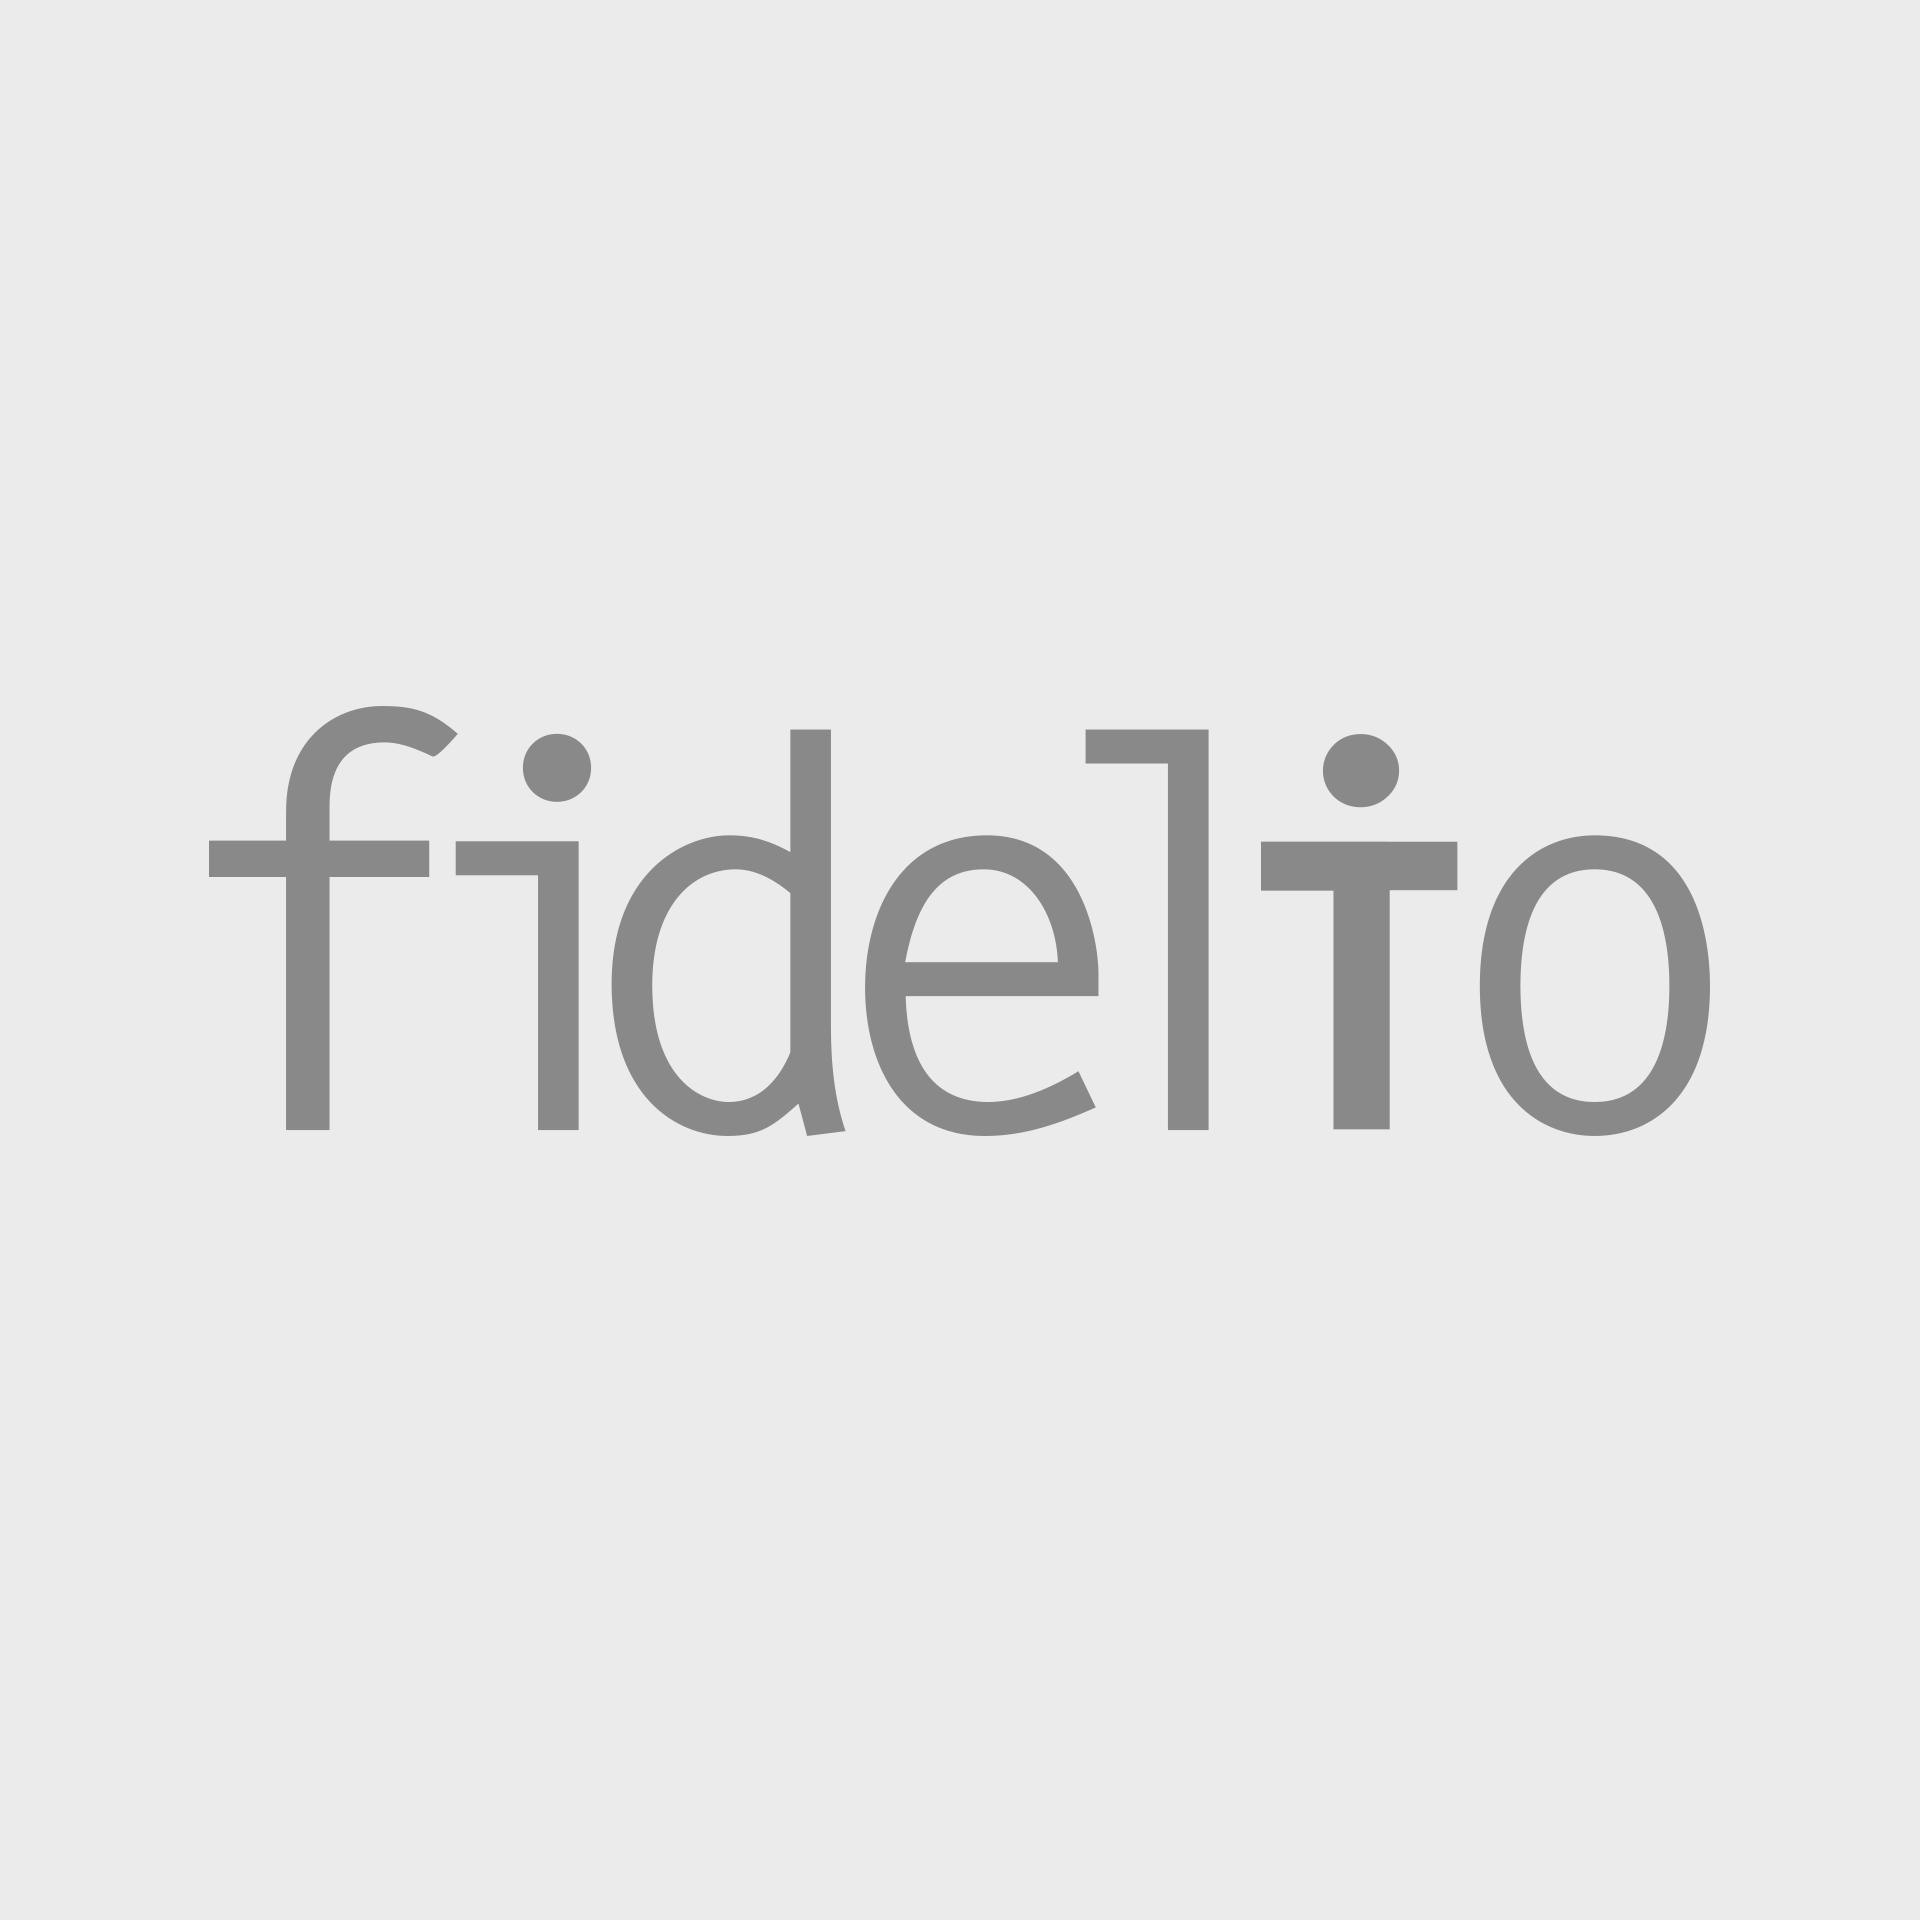 figaro-152943.jpg